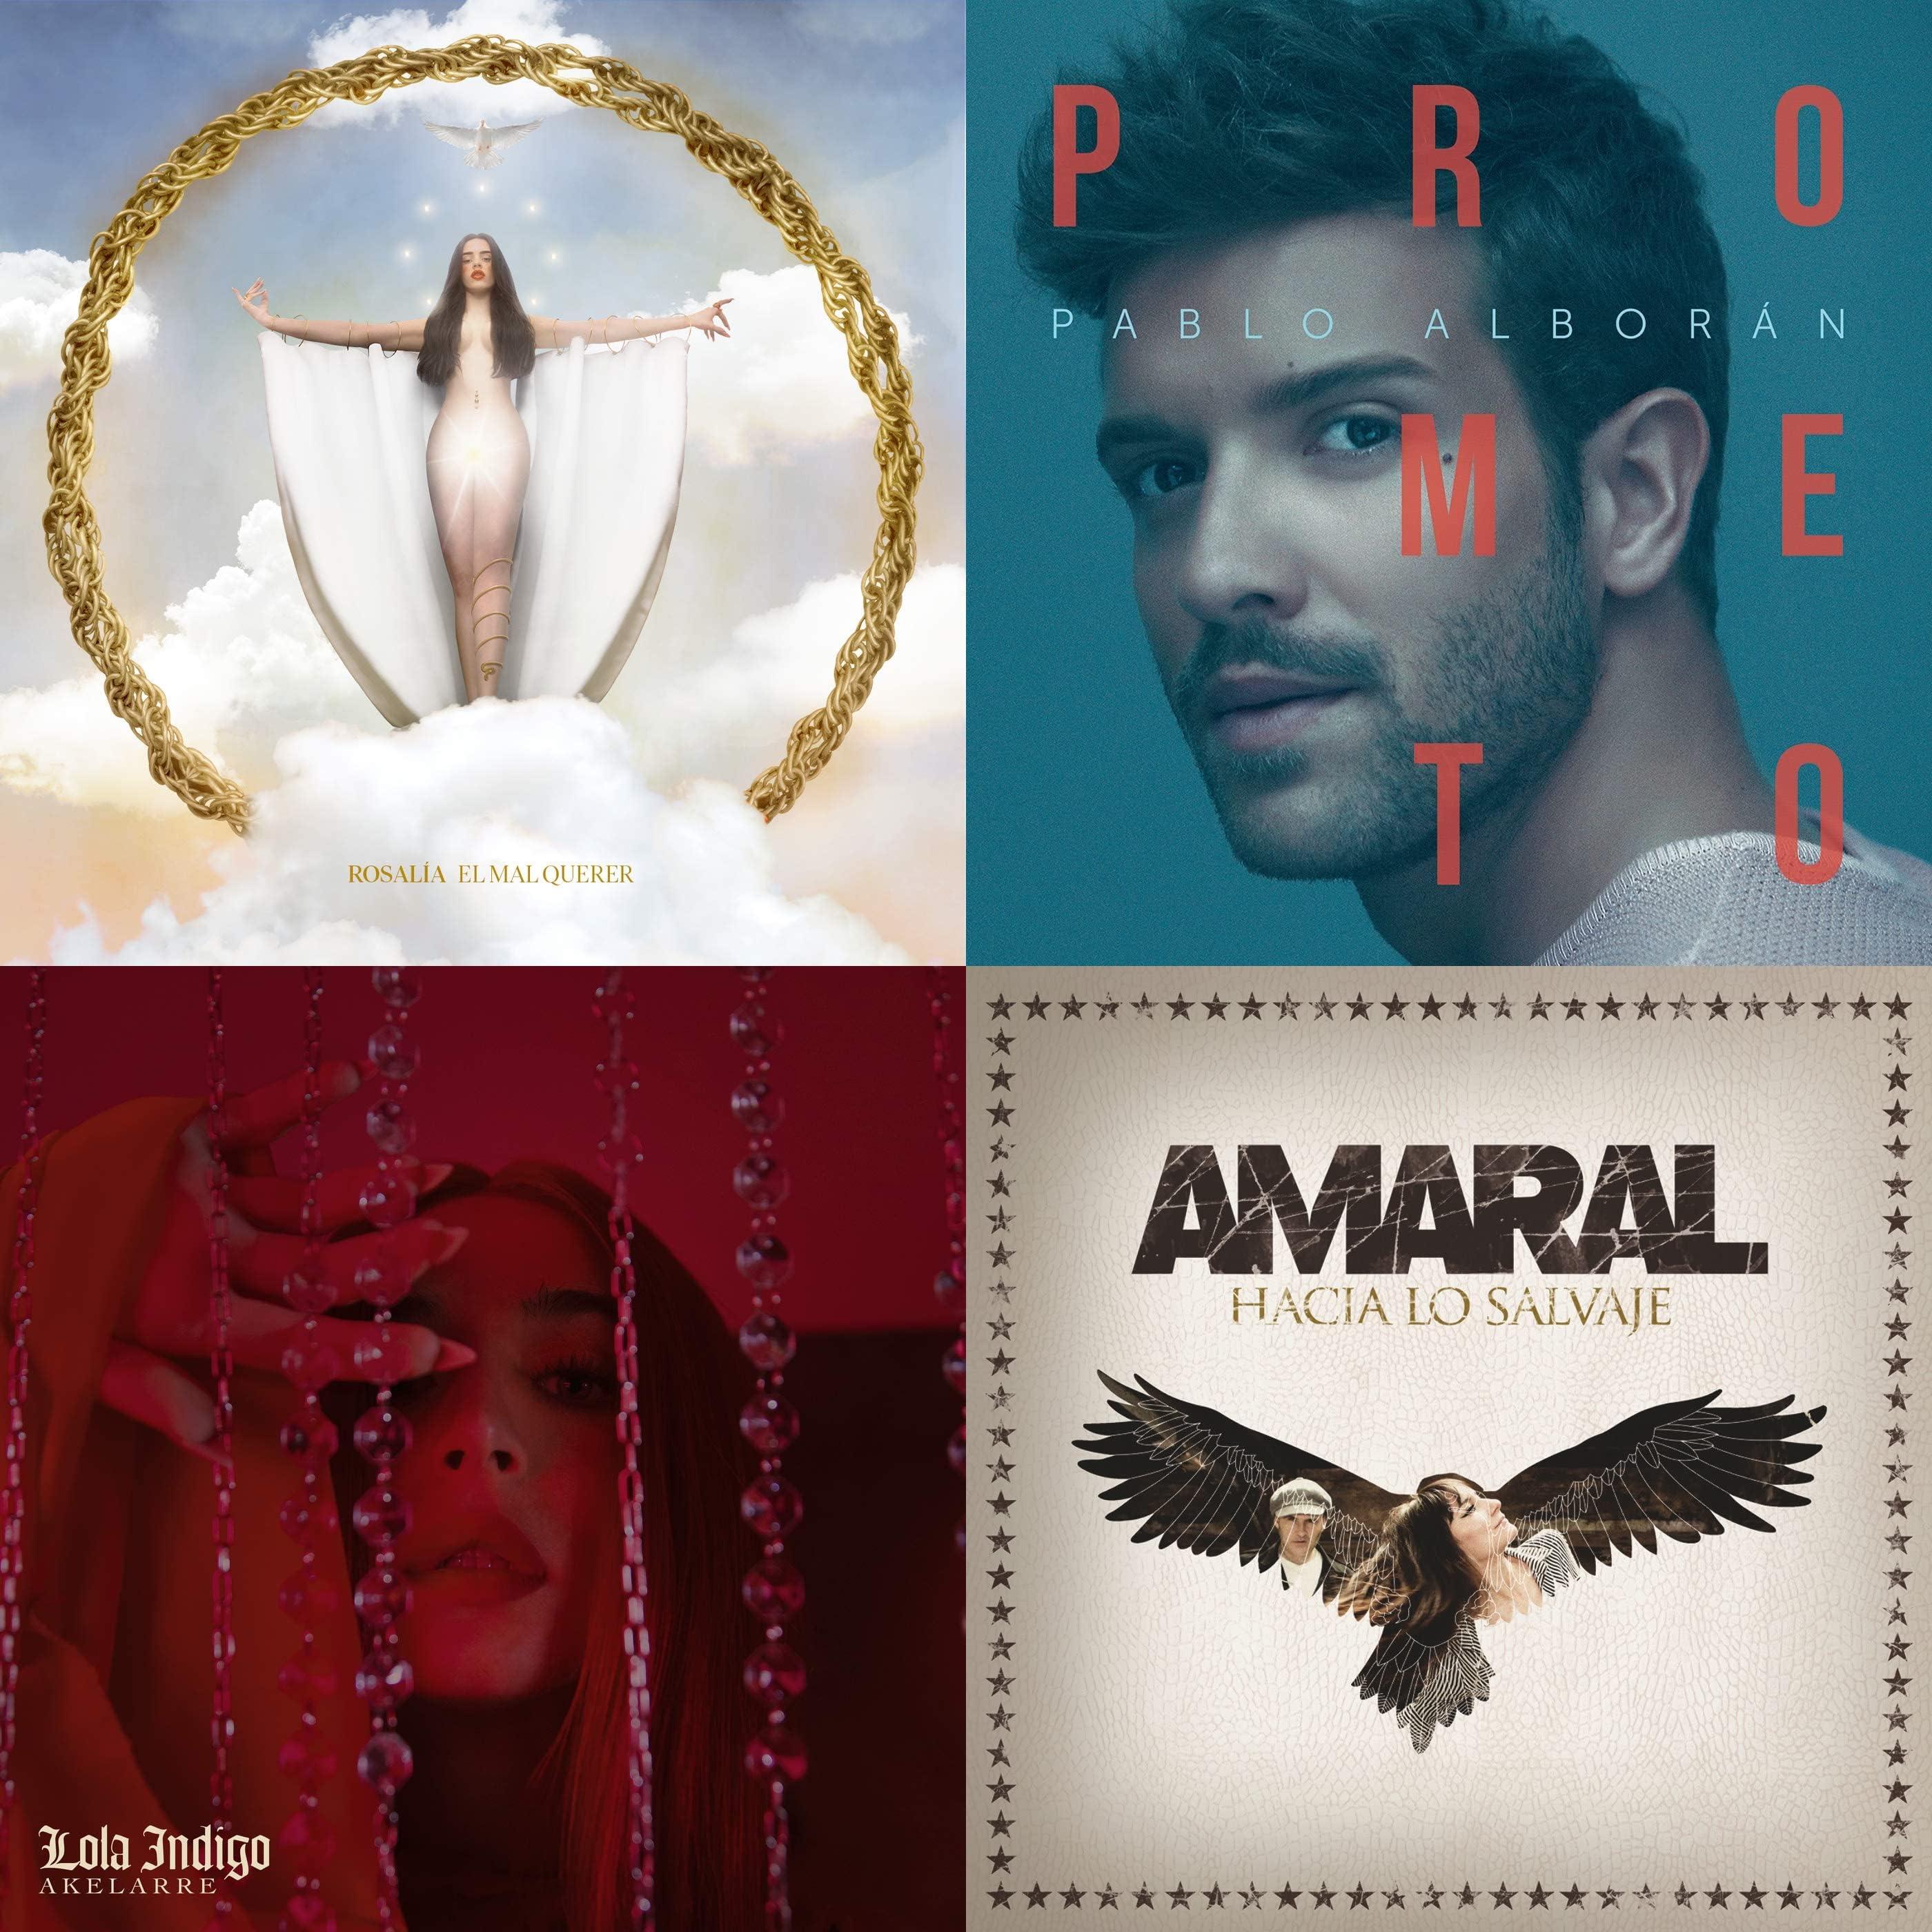 Música española de los años 2010